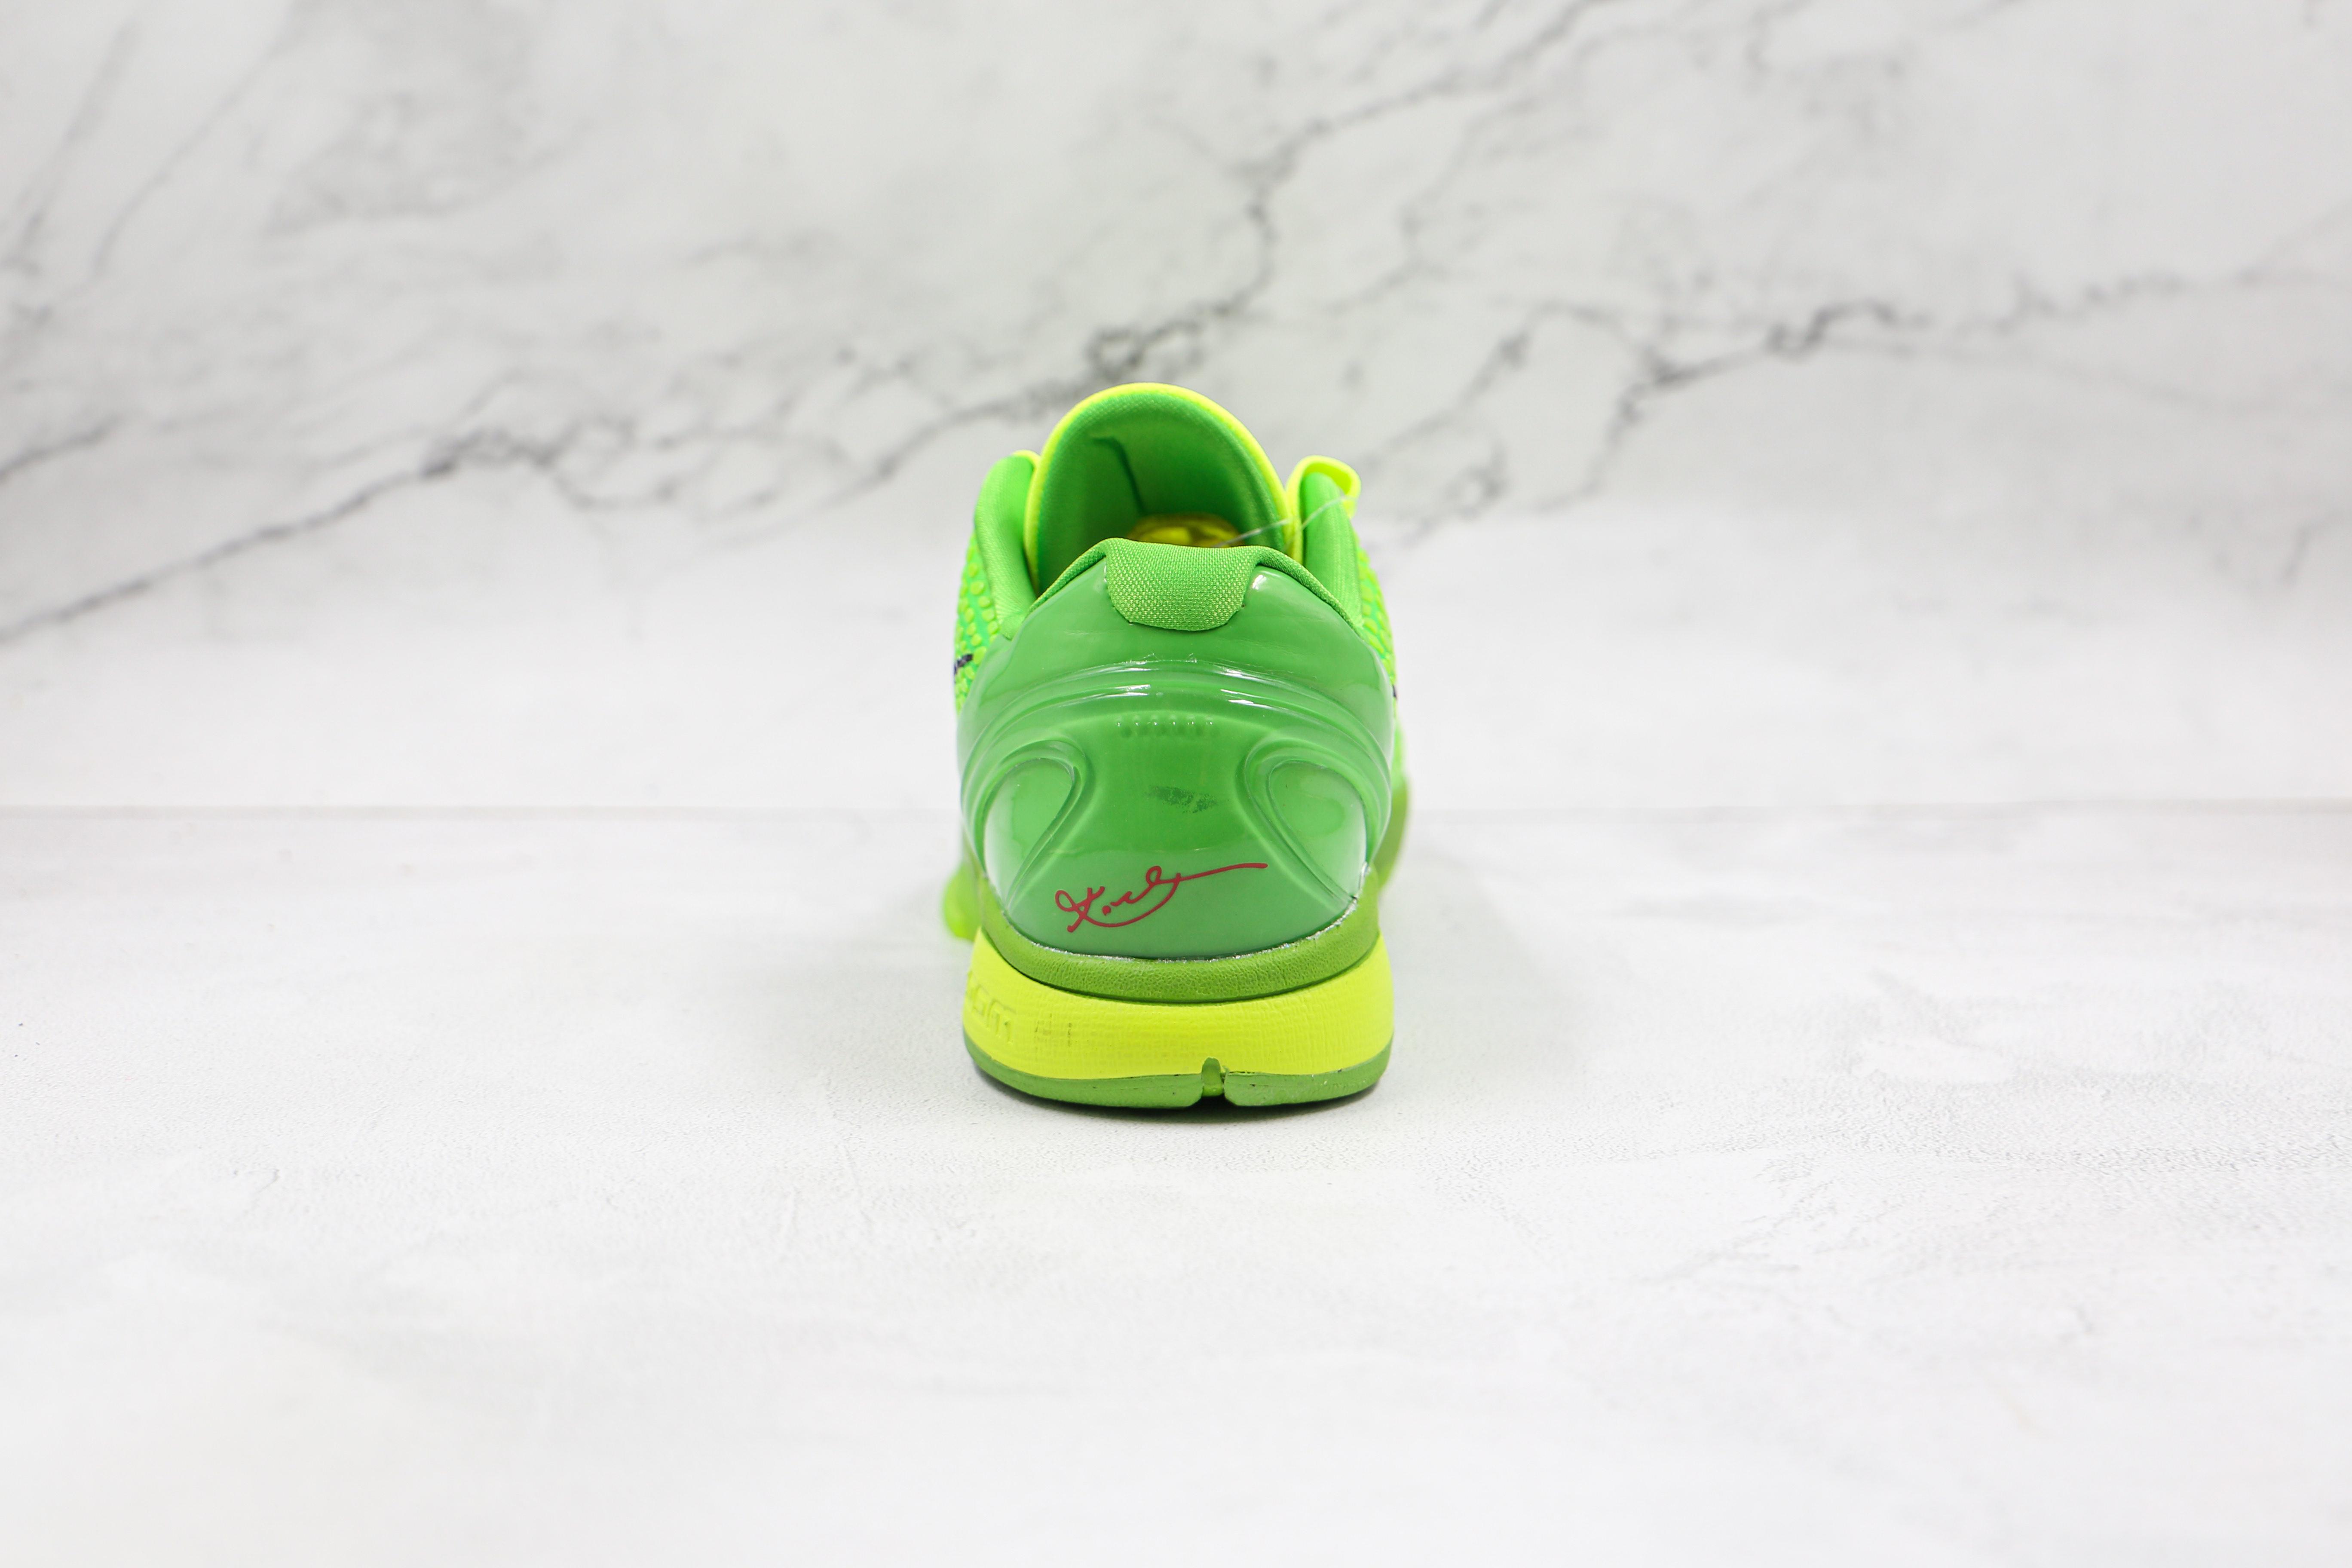 灭世纯原 科比6代 青峰侠 Nike Kobe 6 Protro 前后气垫加持 信仰绝不减配  货号:CW2190 300 最强ZK6独家呈现       M23-11